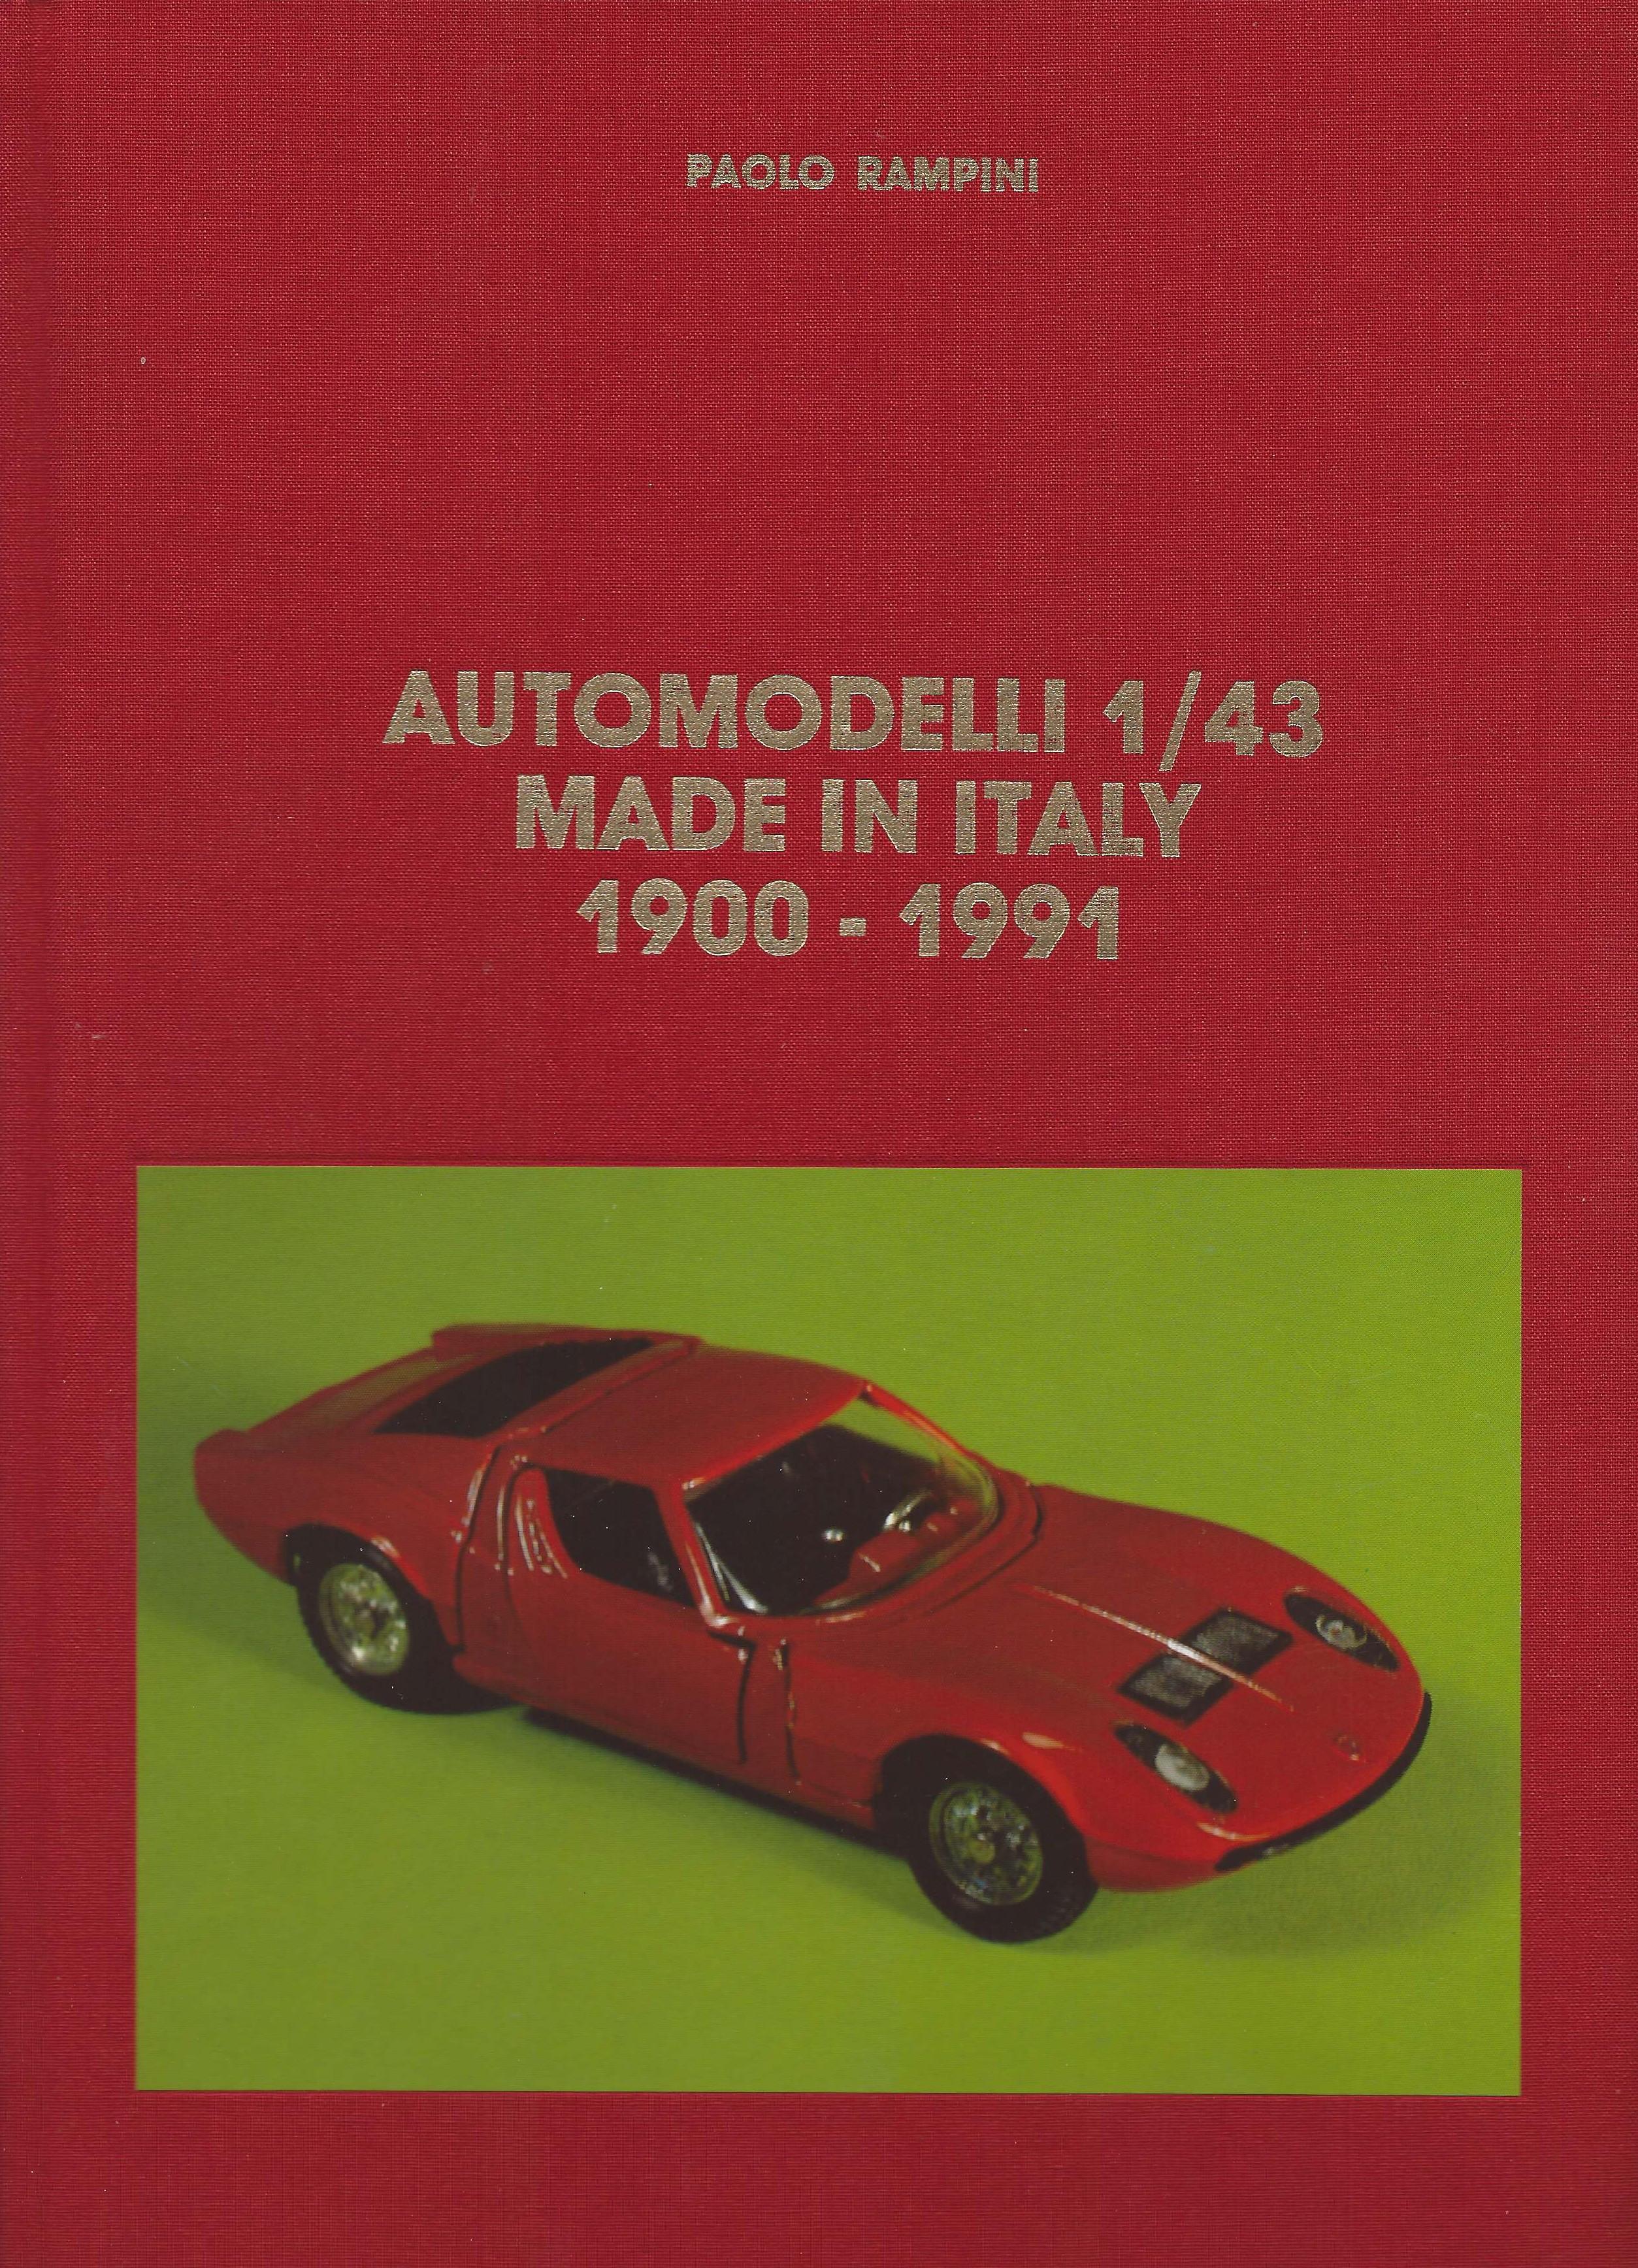 5 - Automodelli 1:43 Made in Italy 1900-1991, Milano, Edizioni Paolo Rampini, 1992